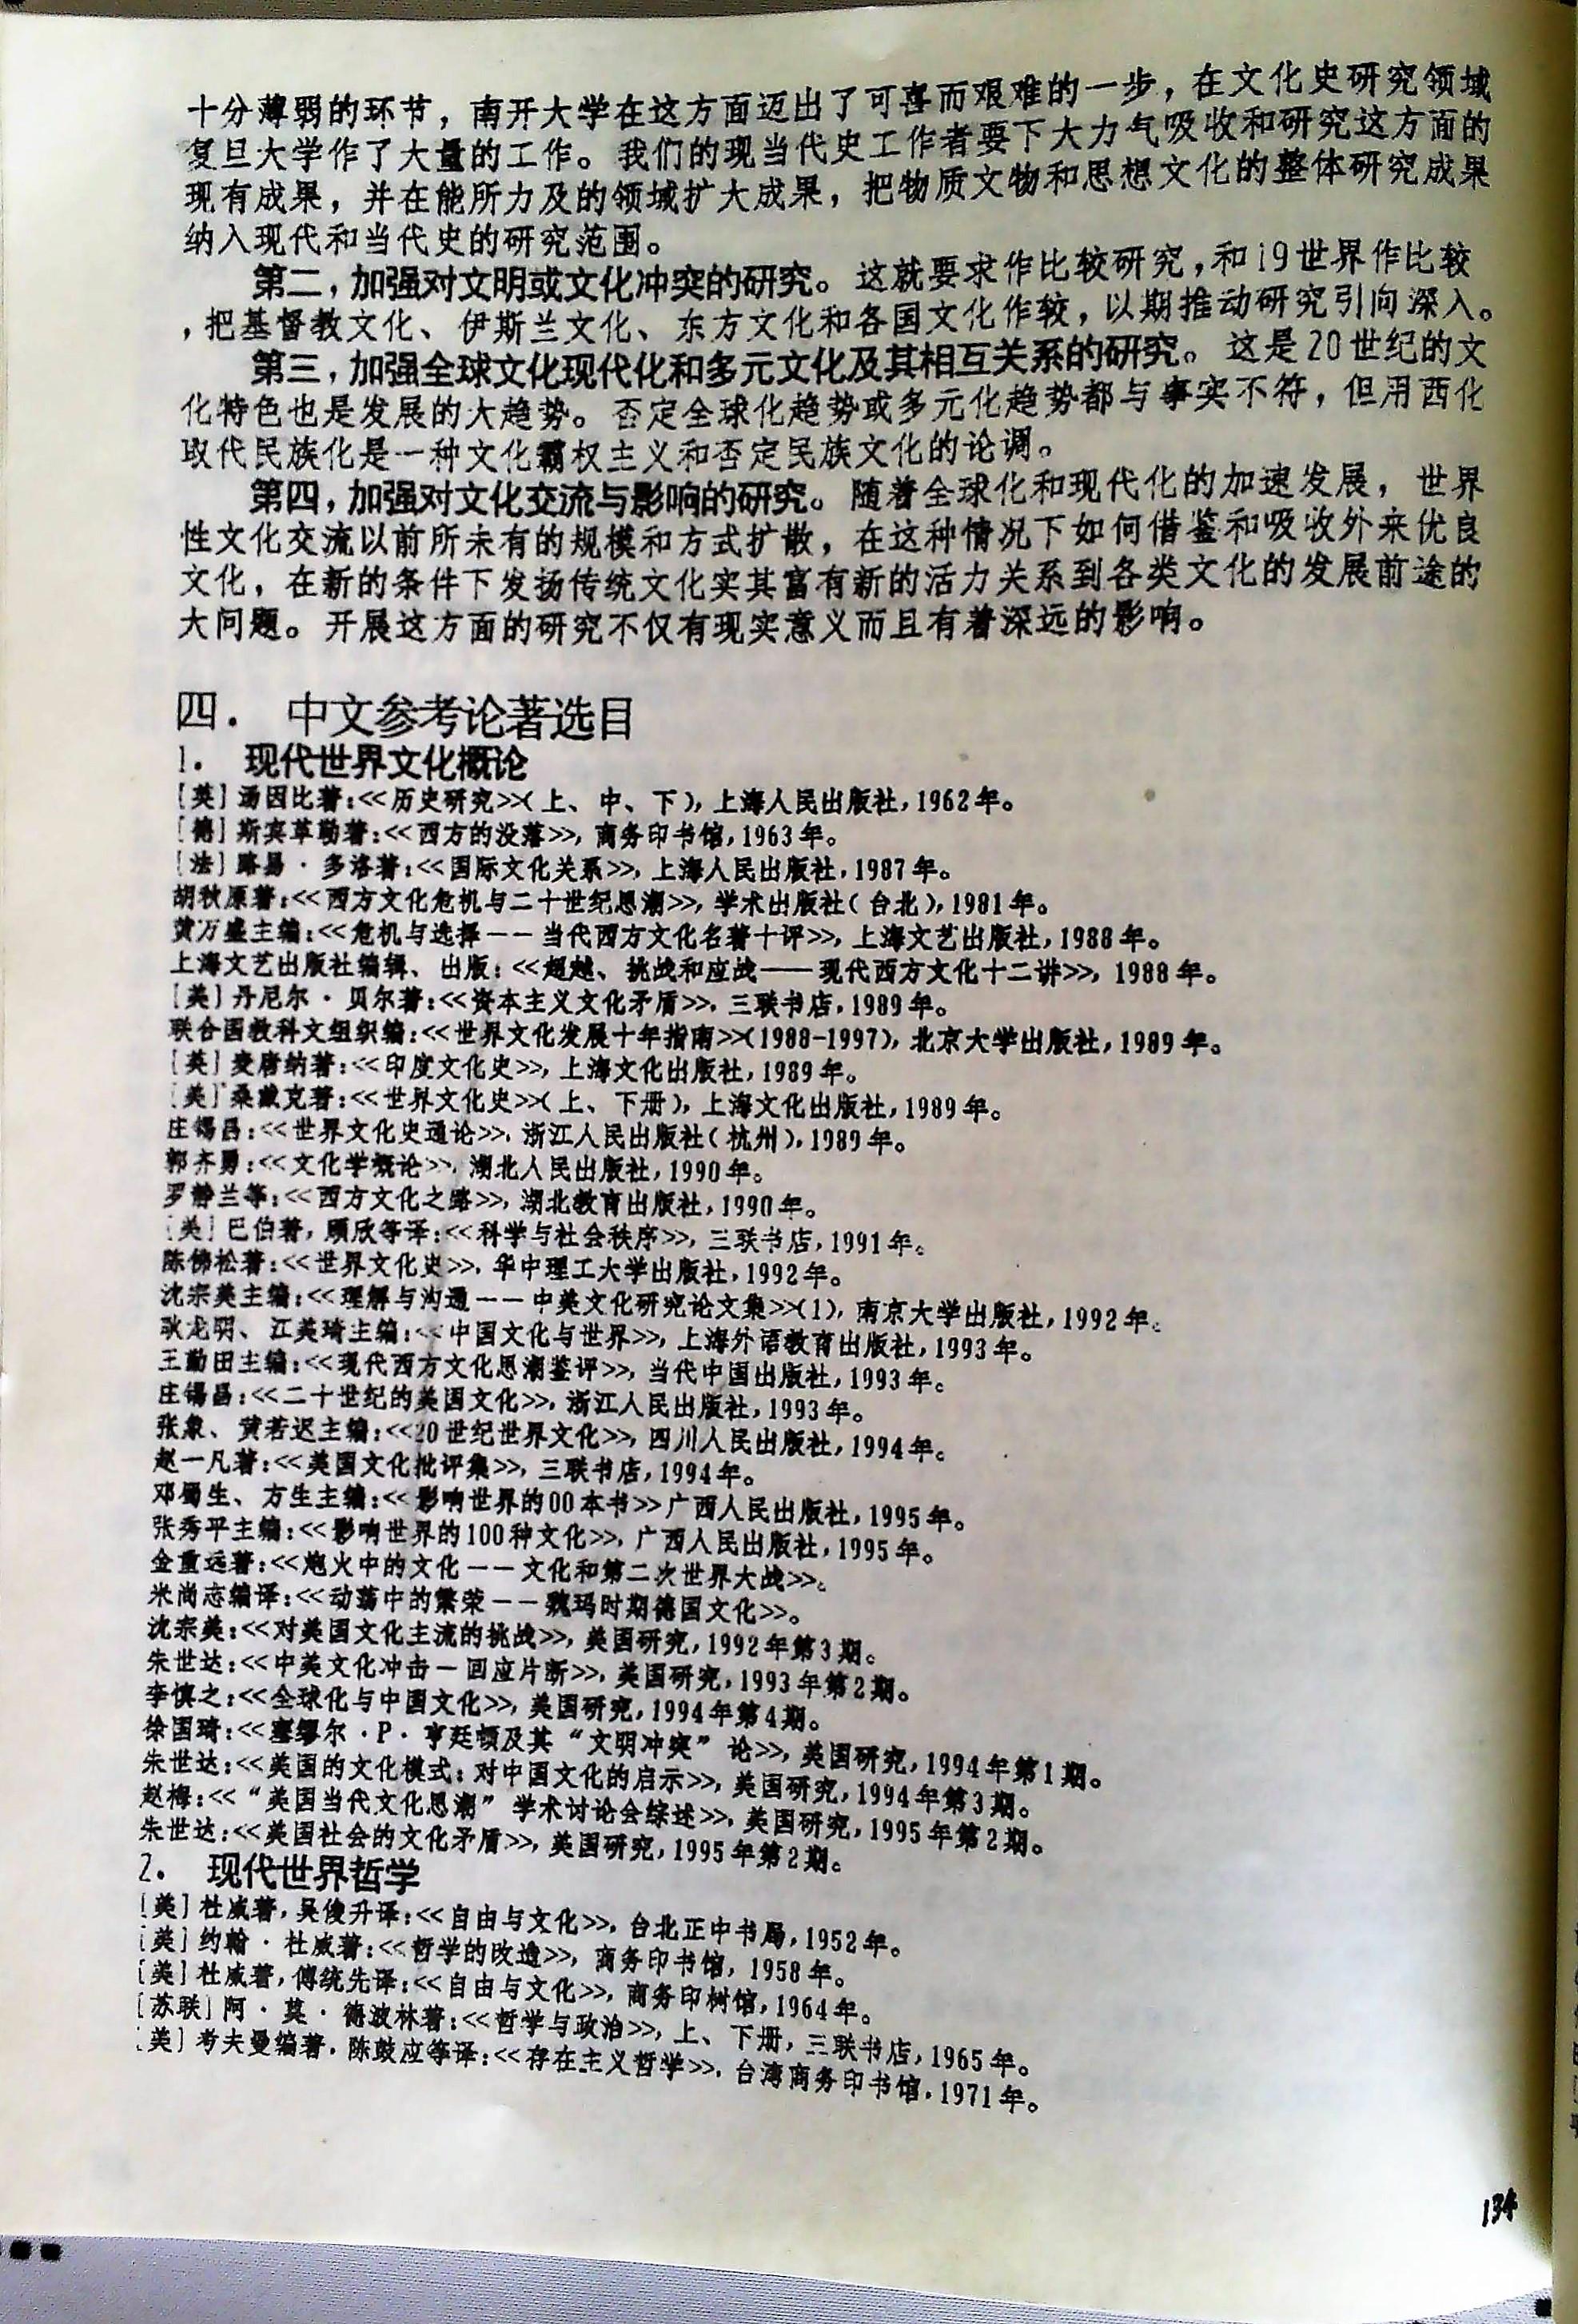 凤凰彩票网站 8